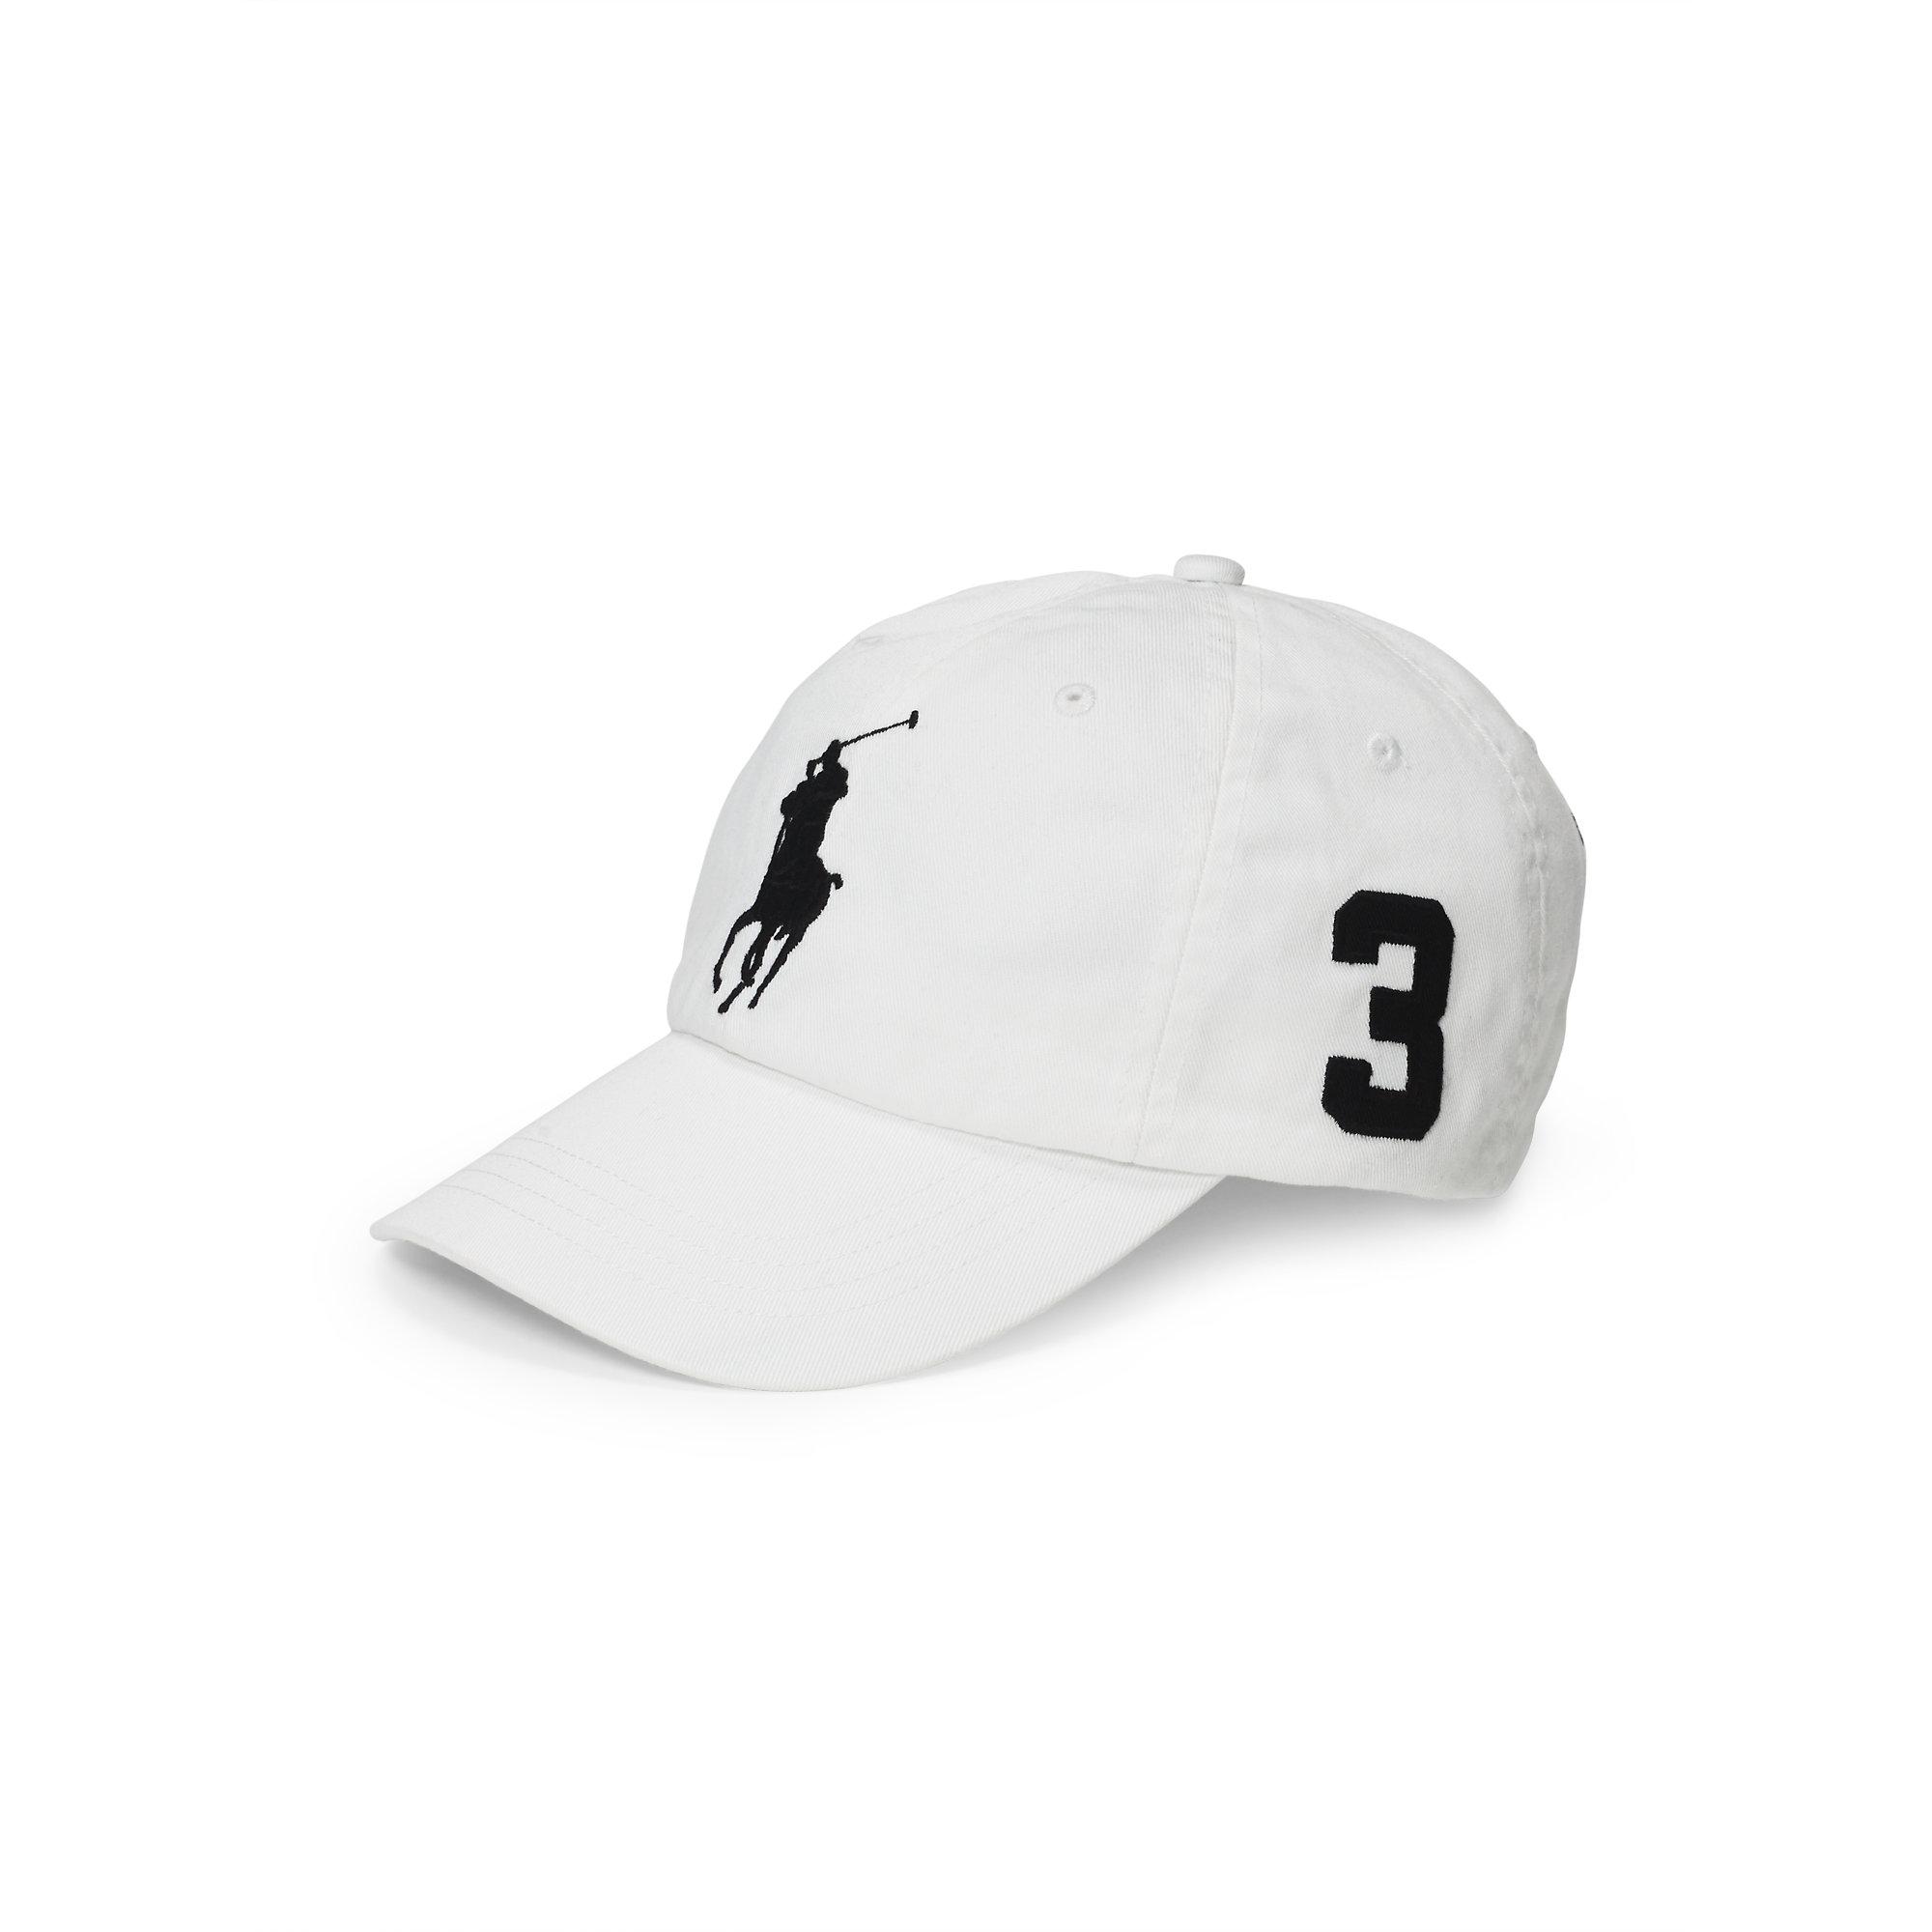 For Lauren Baseball Polo Chino Ralph Cap White Men bfg76y